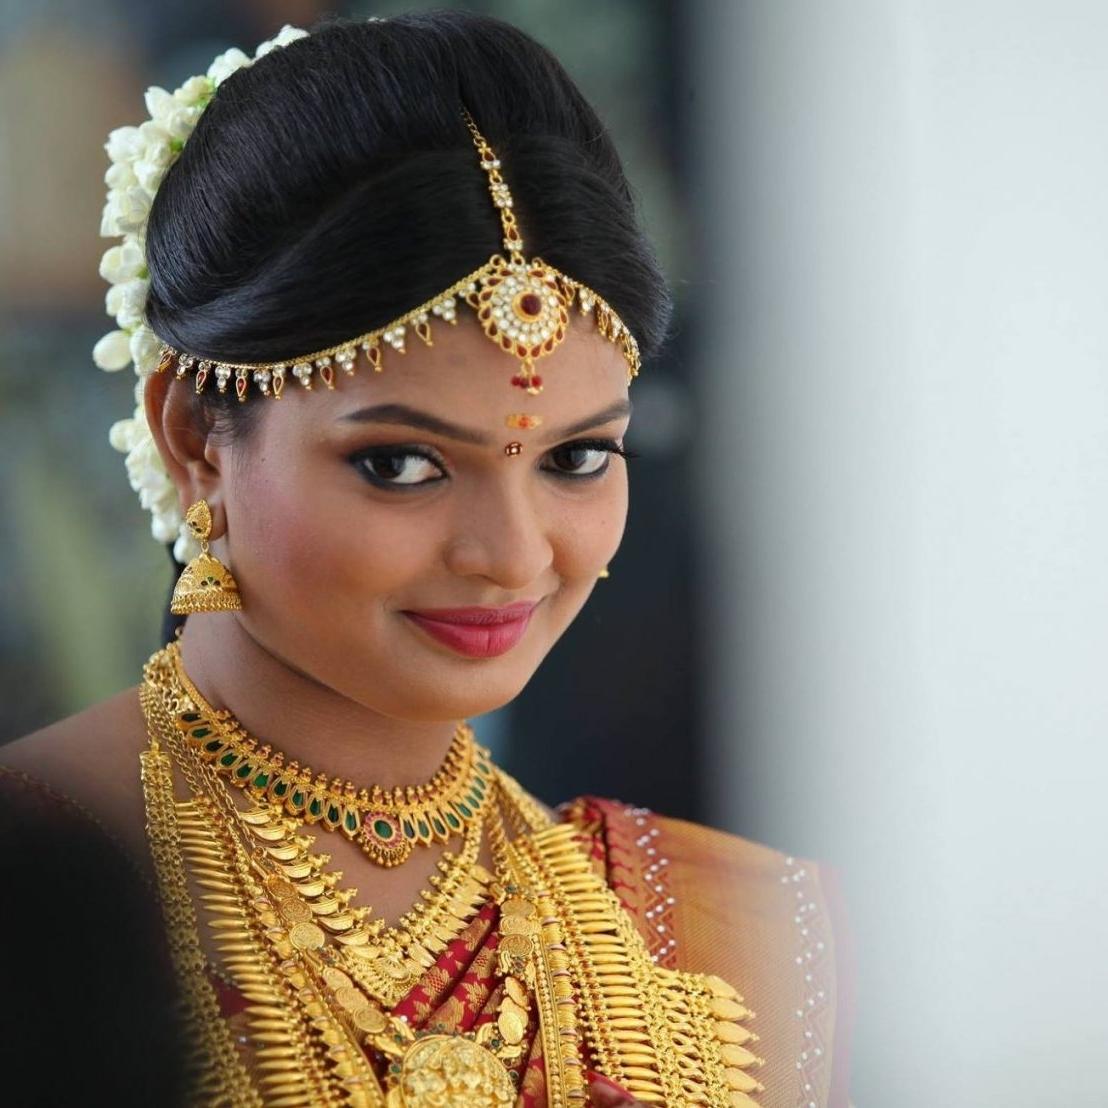 Best Regarding Favorite Hindu Bride Wedding Hairstyles (View 2 of 15)